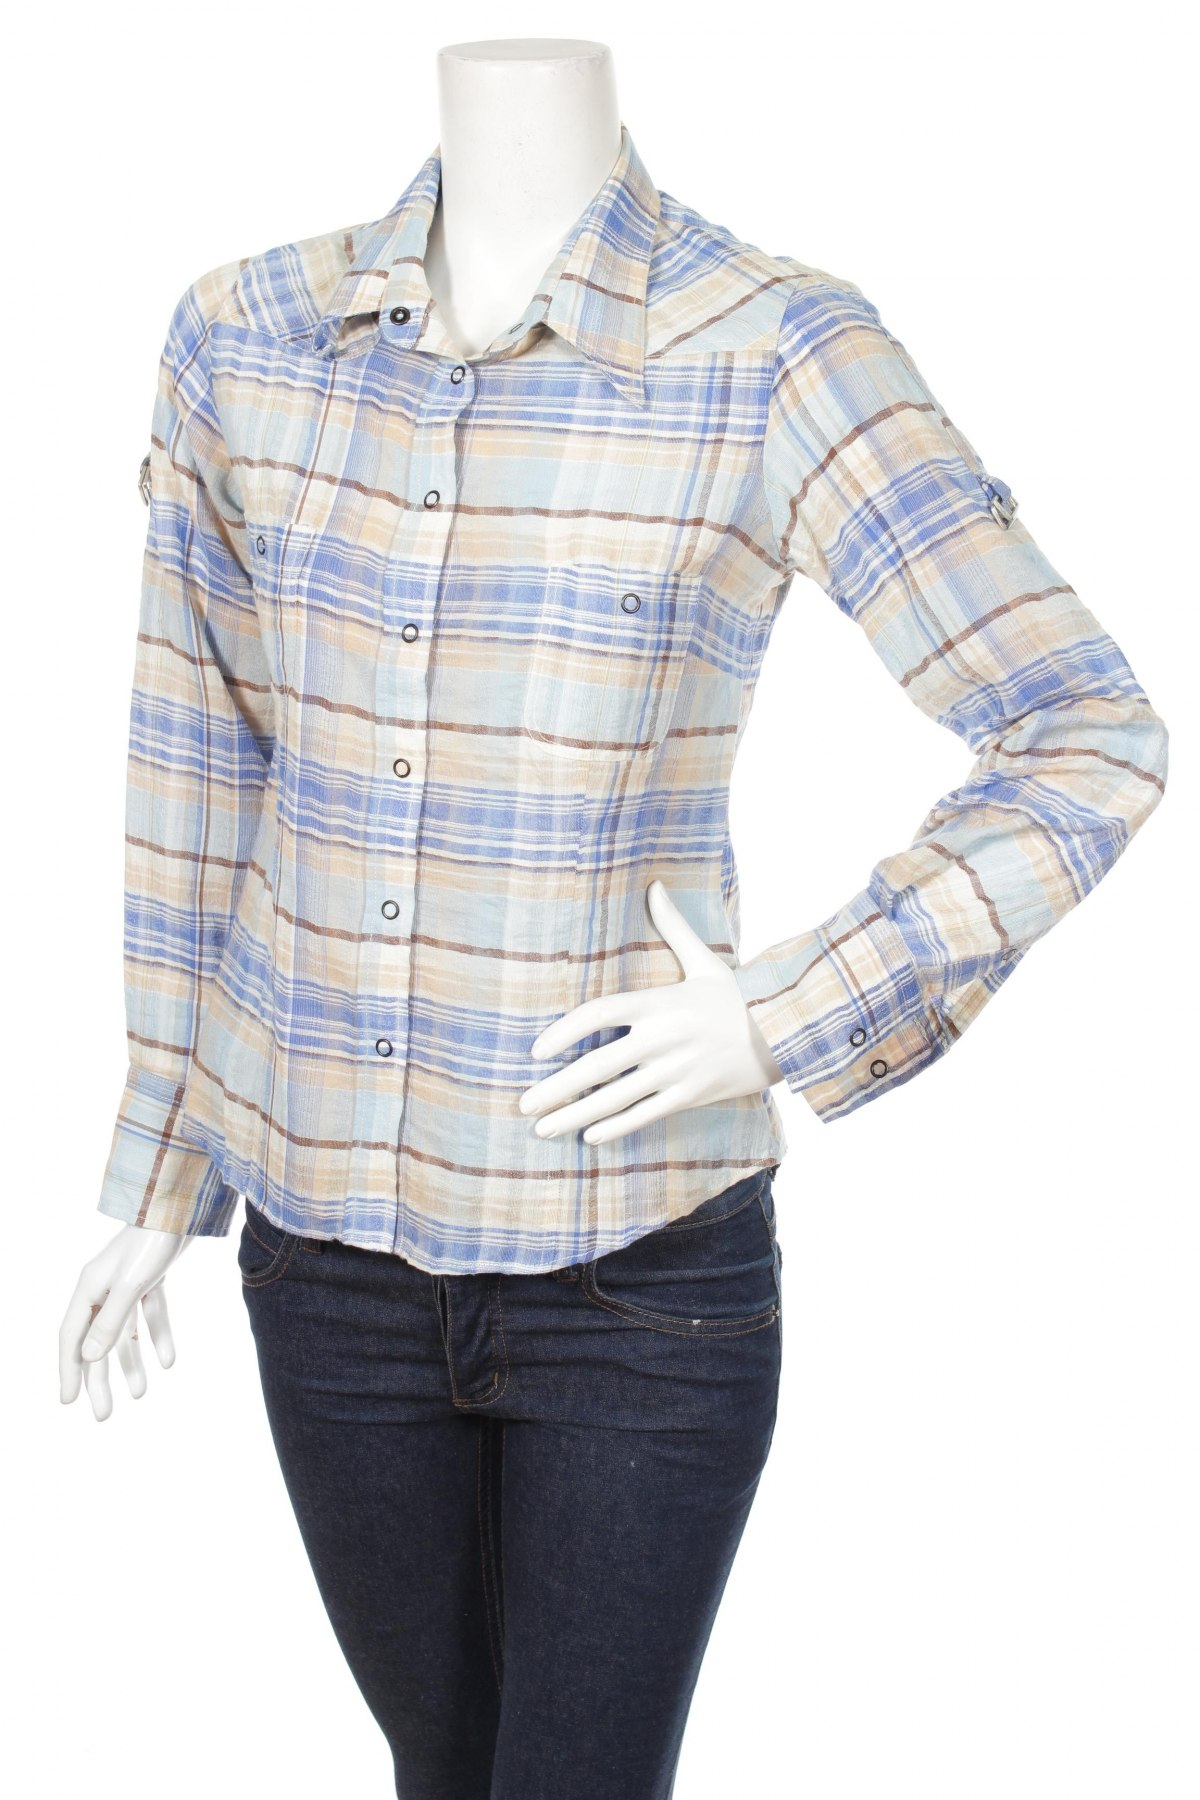 Γυναικείο πουκάμισο Jensen, Μέγεθος S, Χρώμα Πολύχρωμο, Τιμή 17,94€